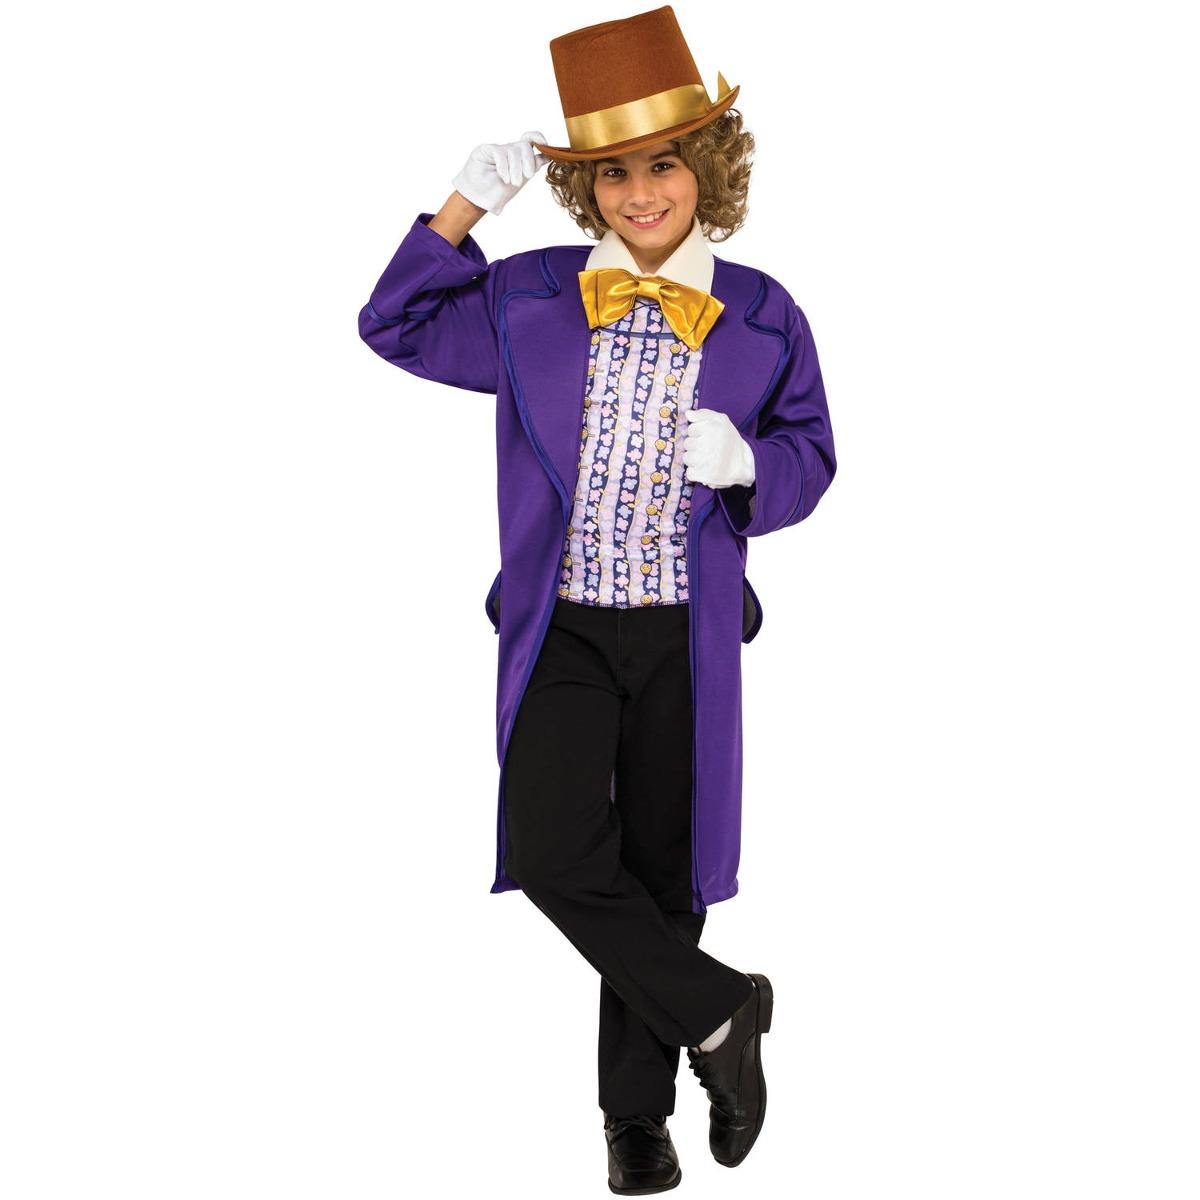 disfraces de vampiro para nio. nios disfraz para halloween cargando ... eed2e3b20c1